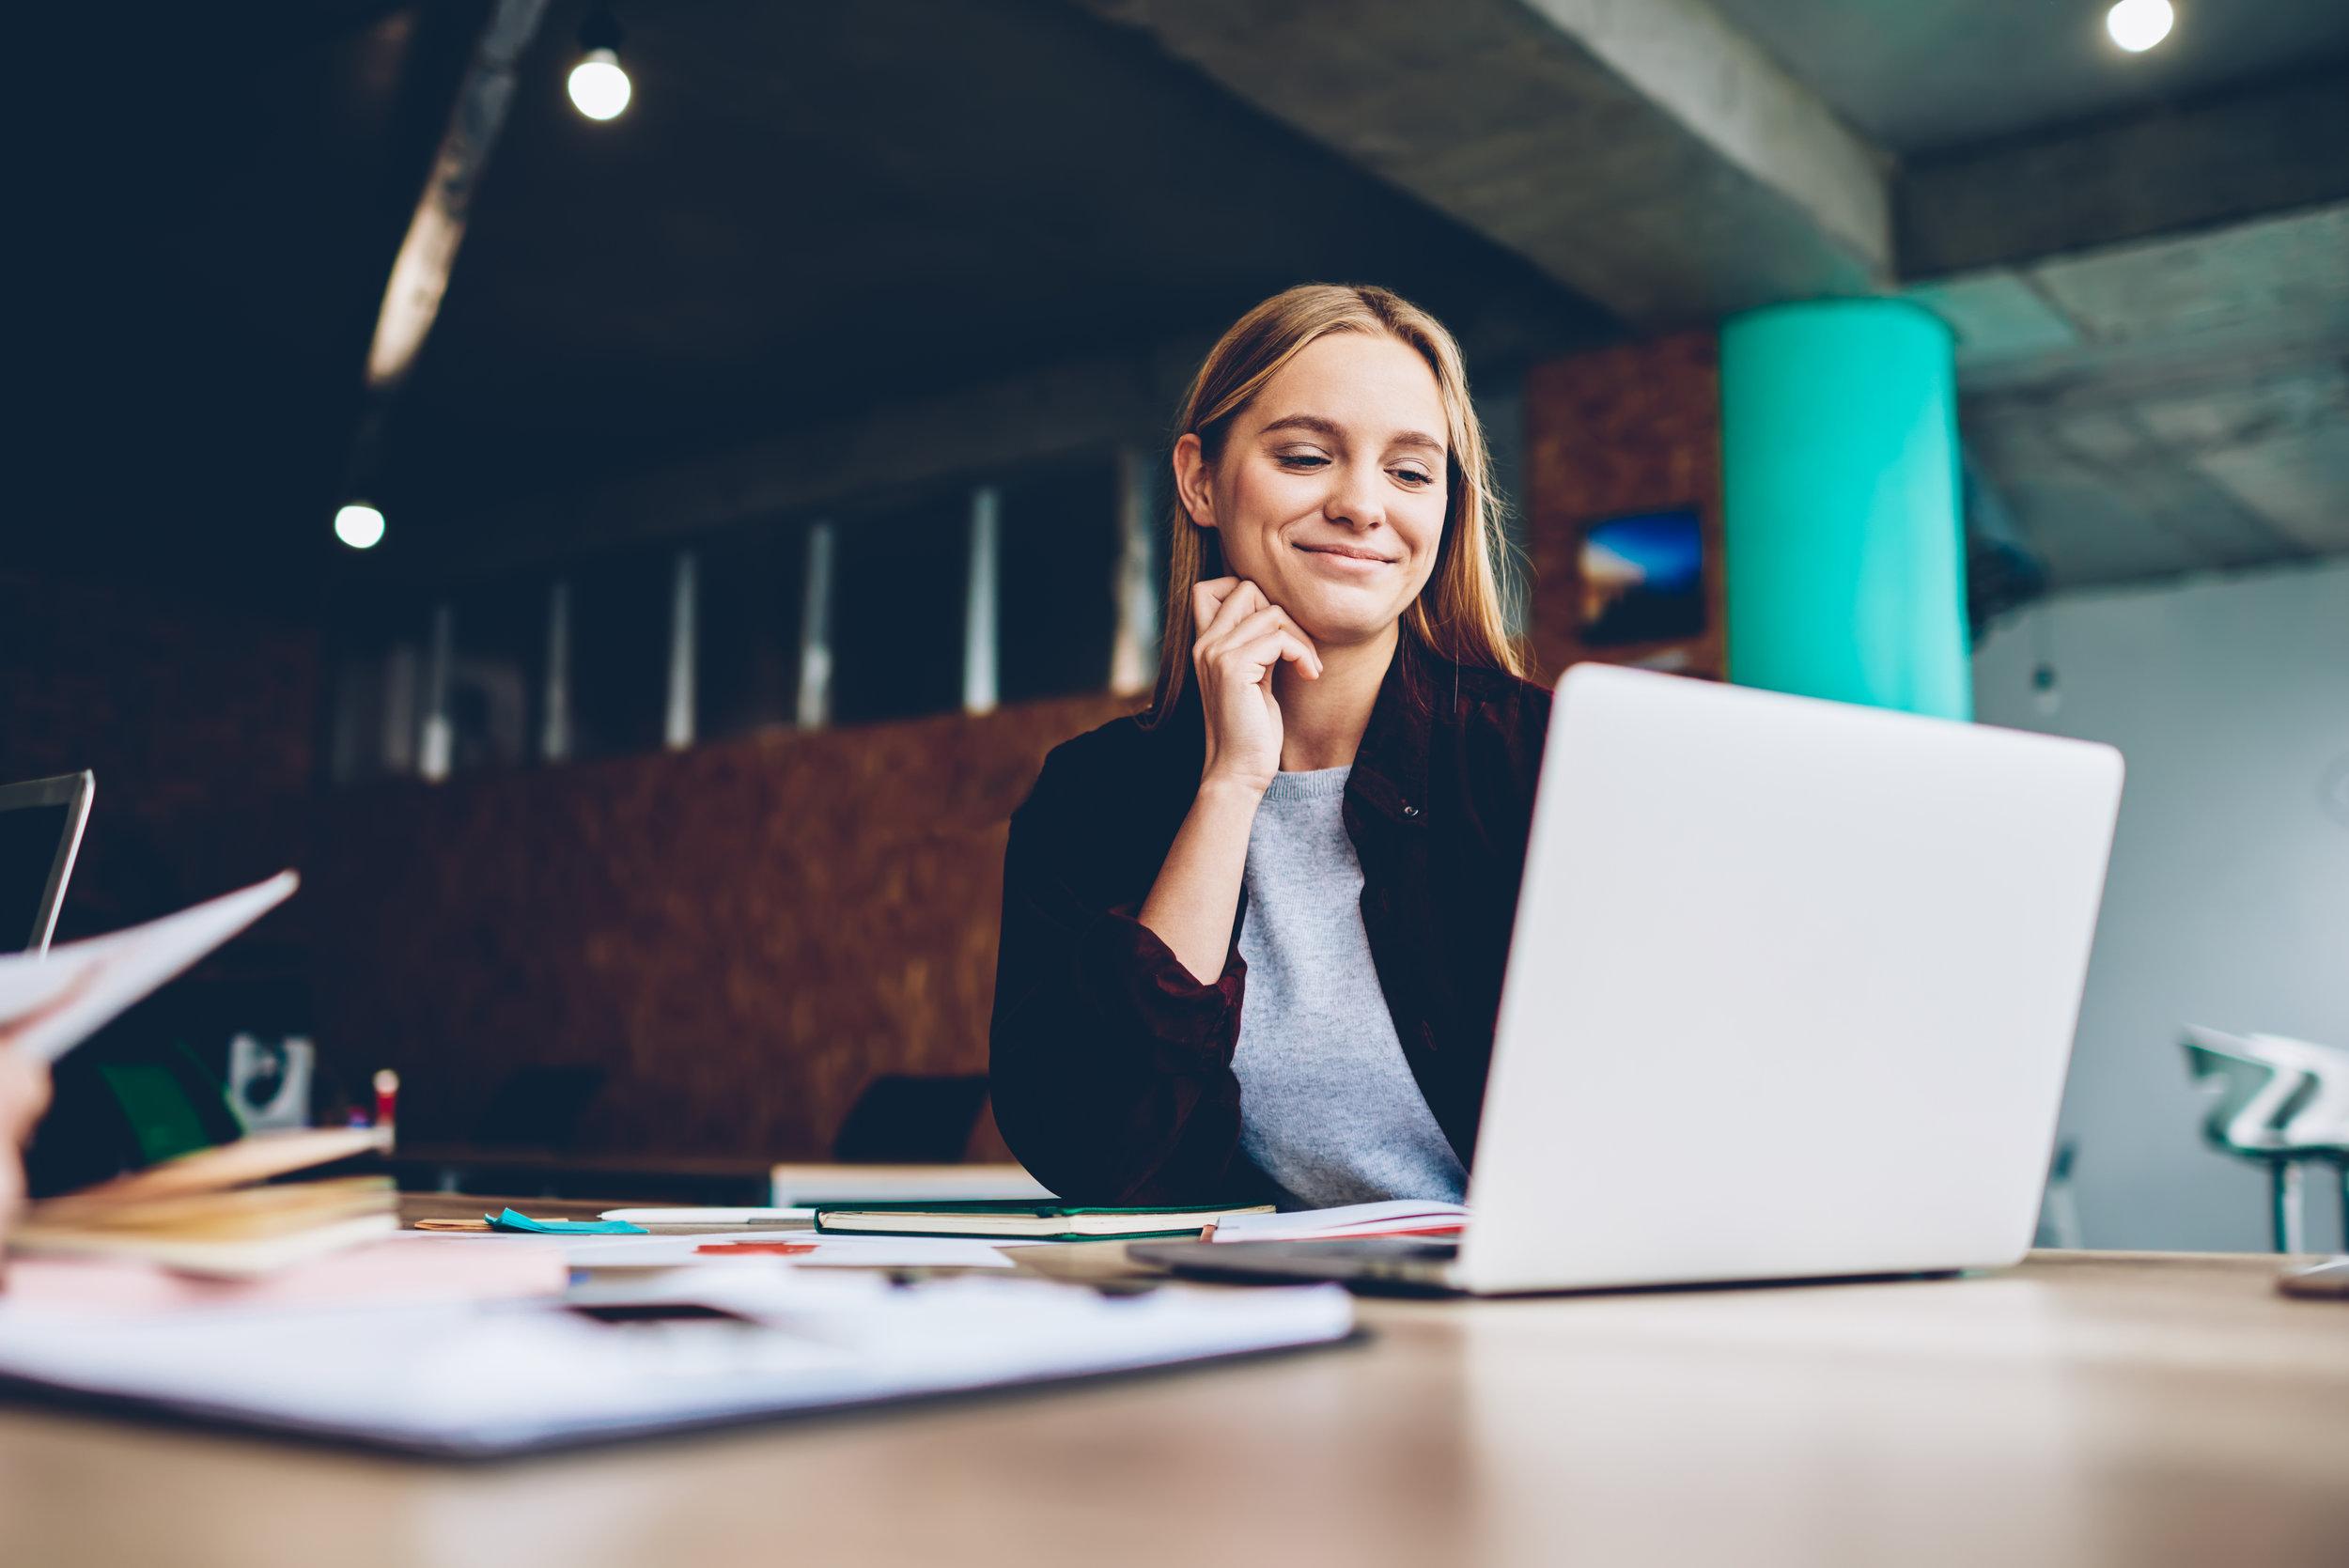 7 career advice blogs you should follow ASAP